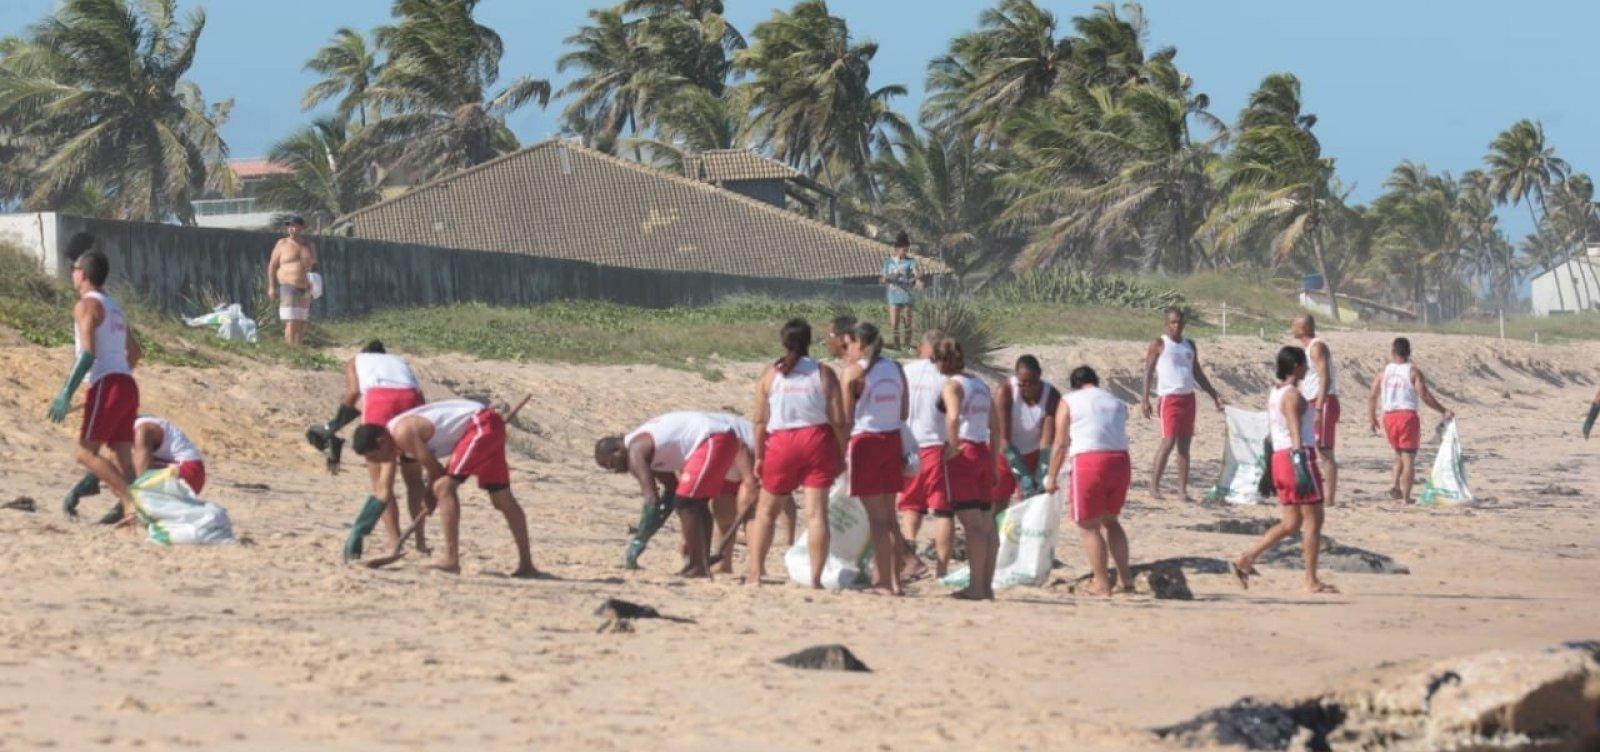 [Cerca de mil toneladas de óleo foram recolhidos nas praias do Nordeste, diz governo]